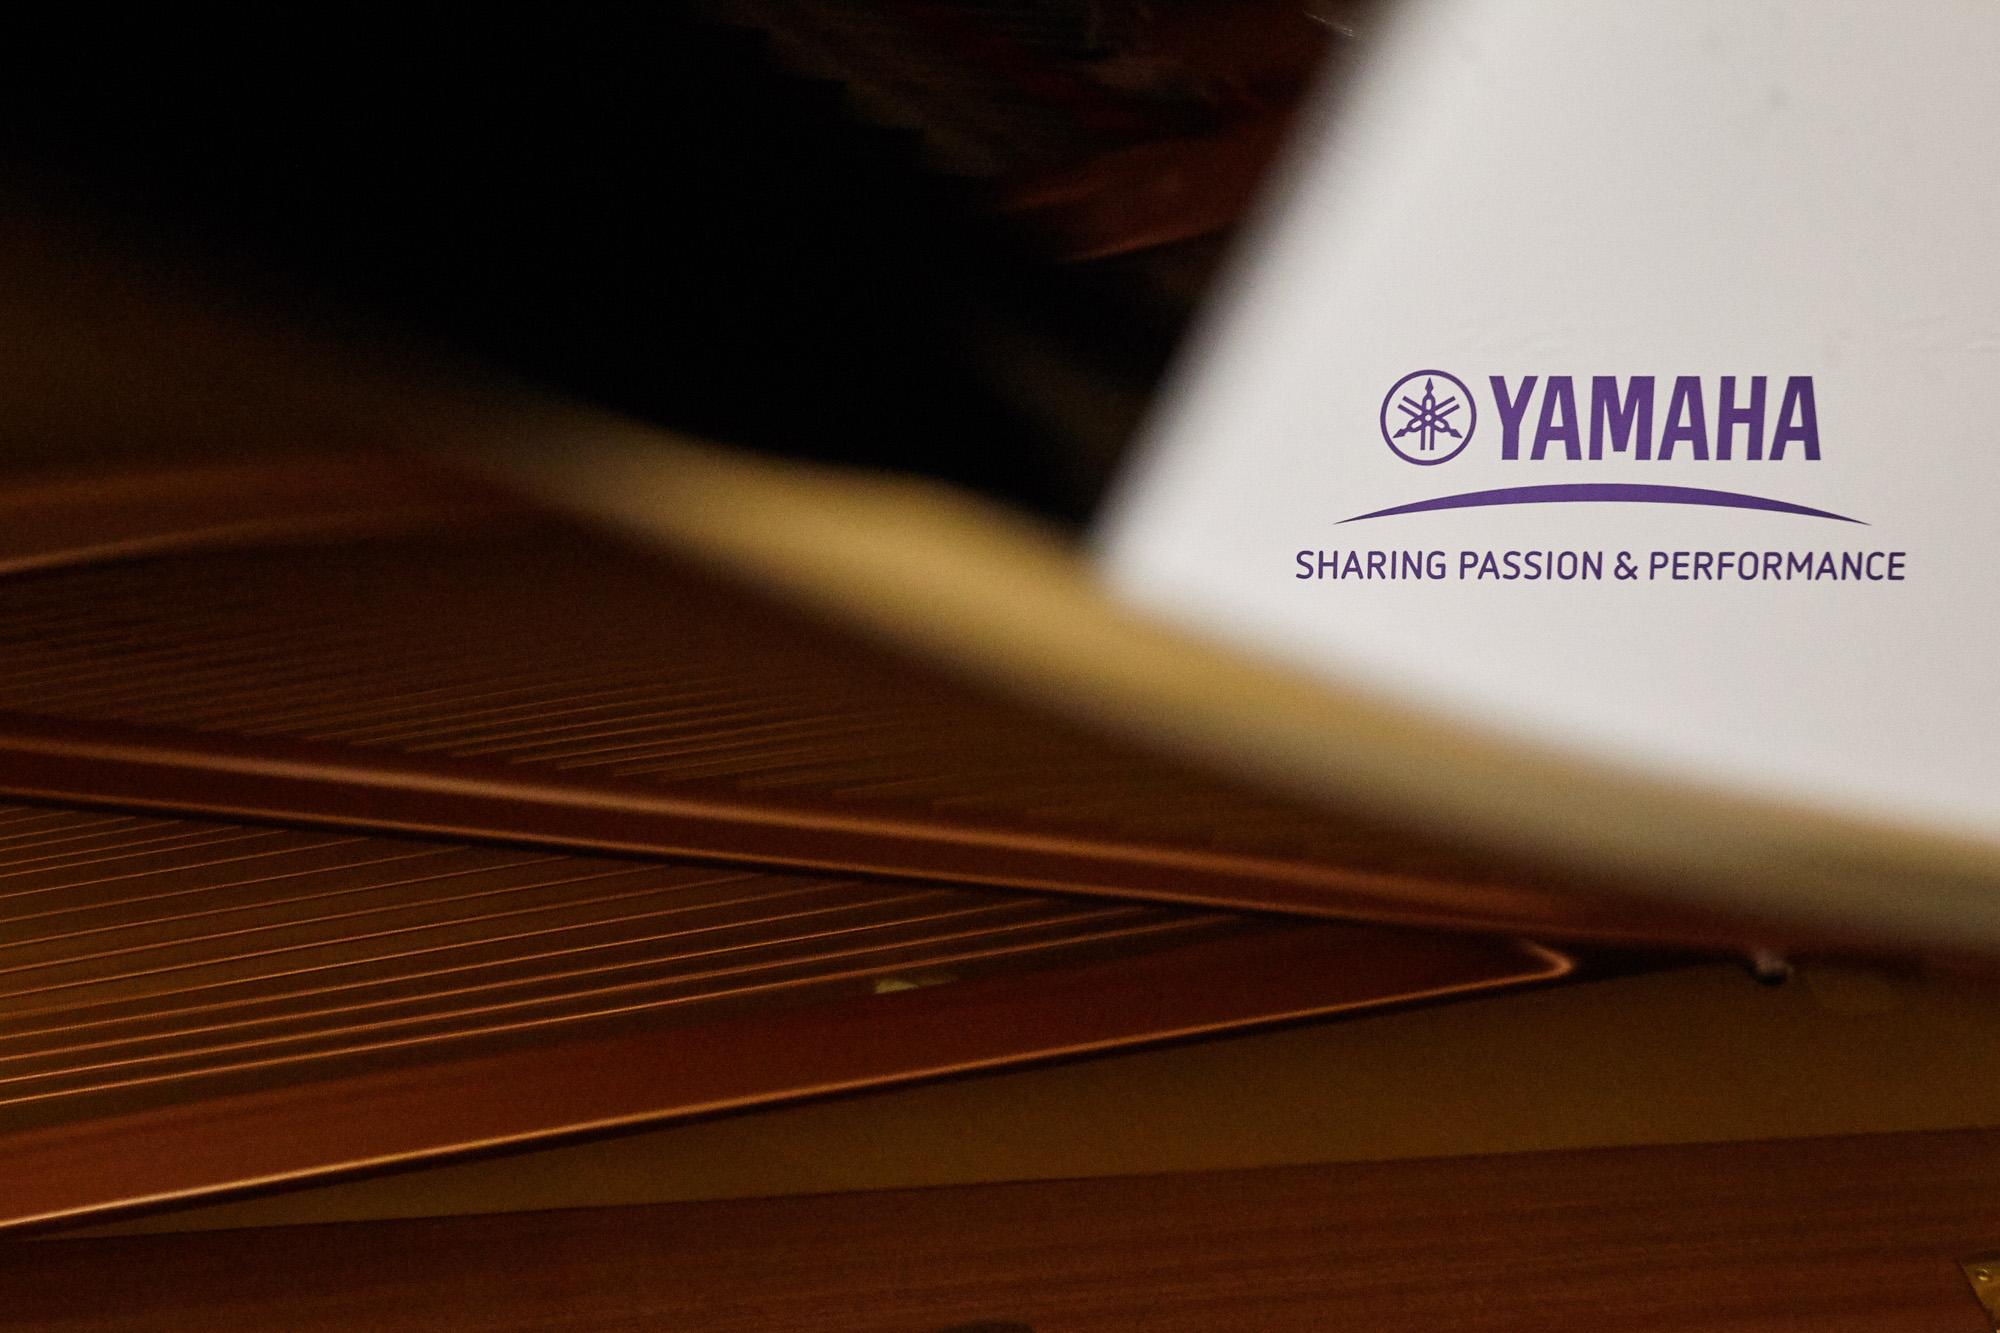 2017-05-29 Yamaha Gala 023